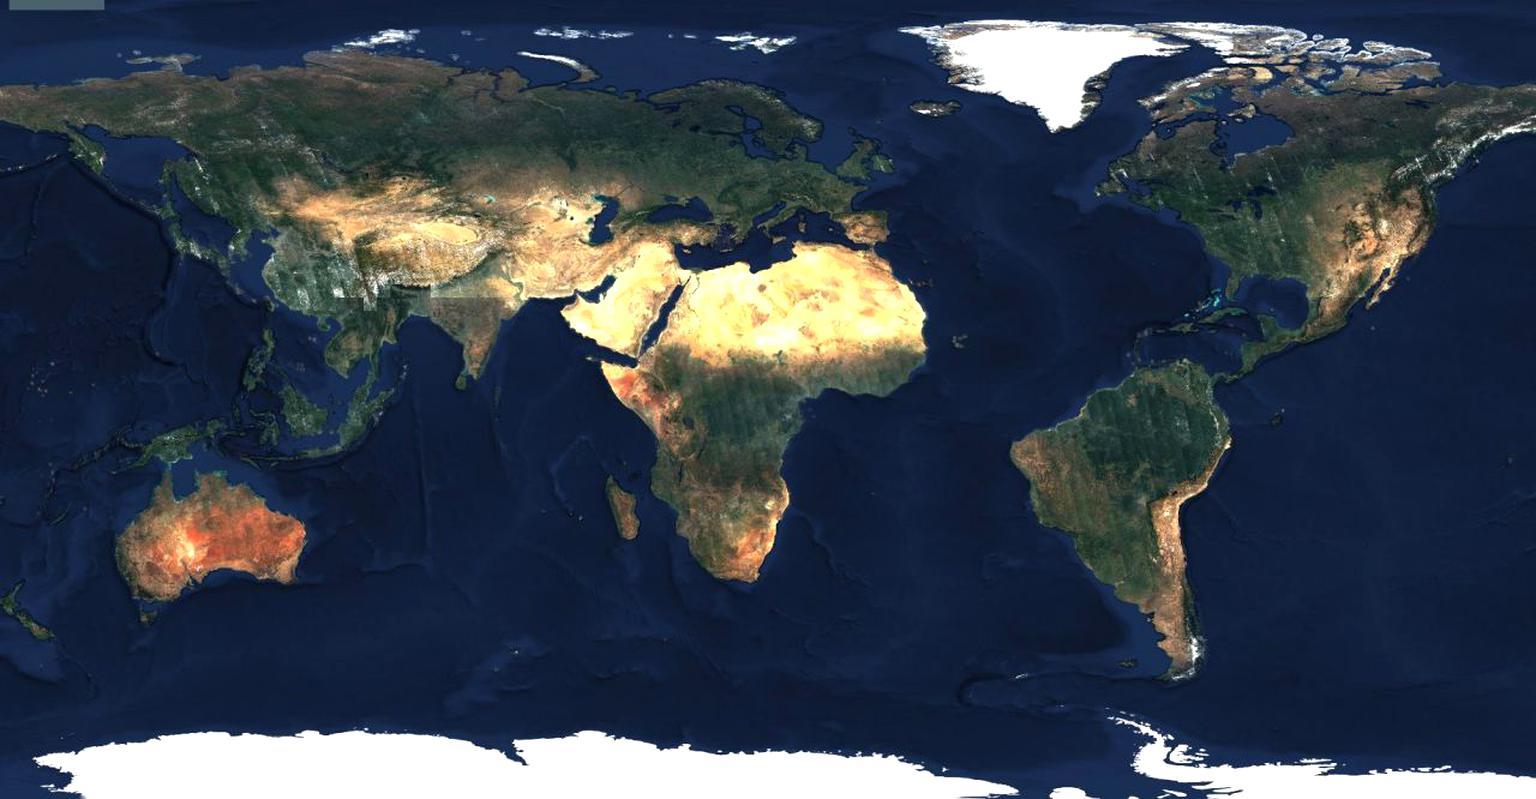 satelliten karte gebraucht kaufen